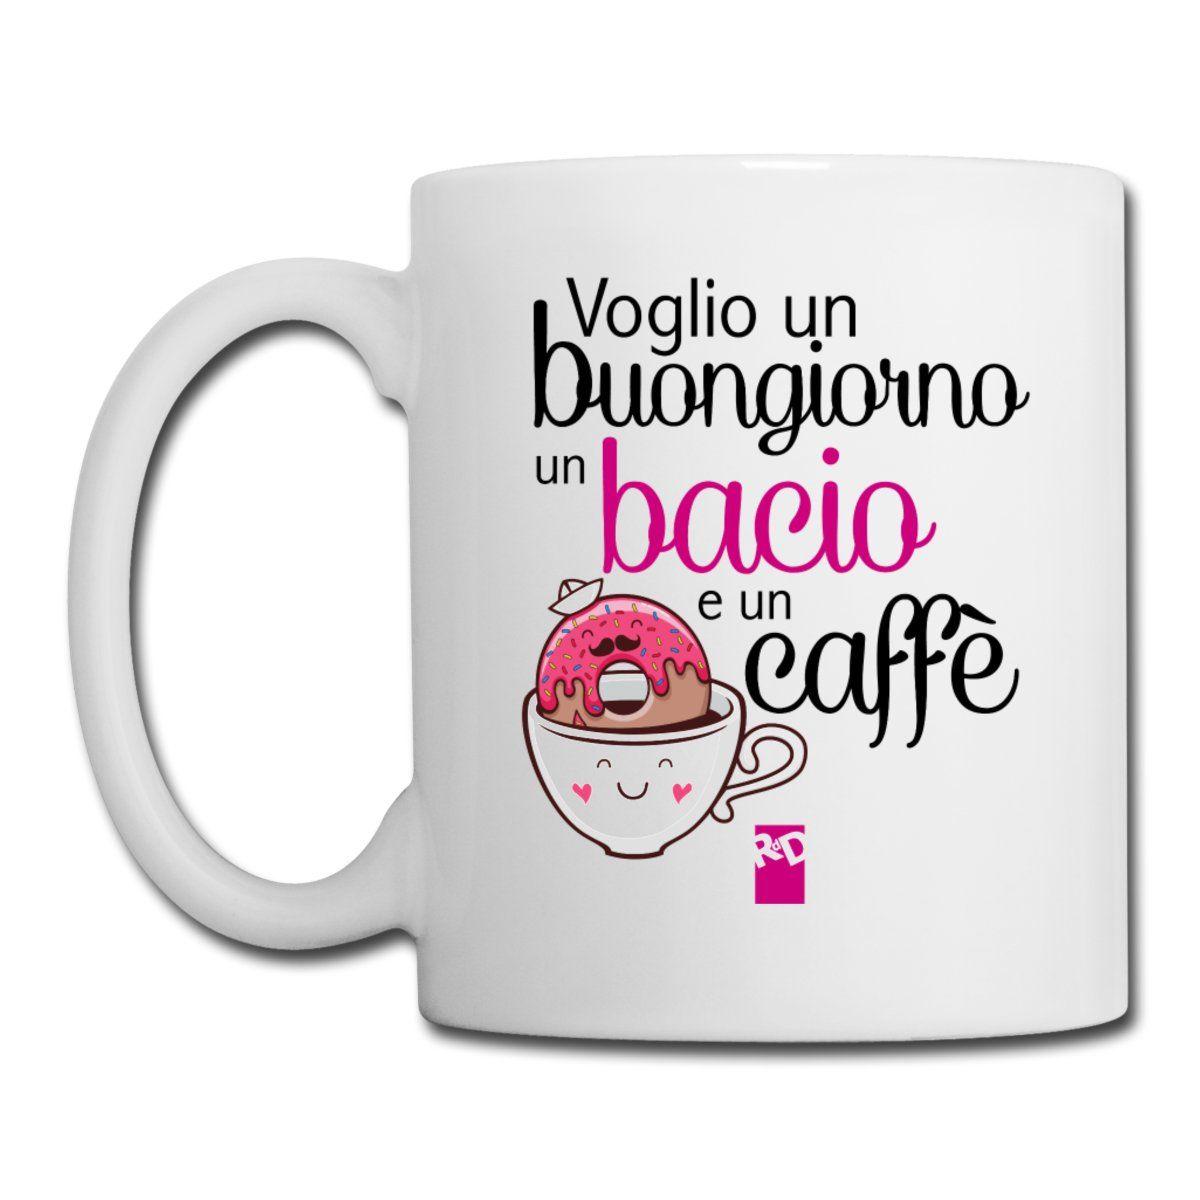 Tazza Con Voglio Un Buongiorno Un Bacio E Un Caffe Roba Da Donne Tazze Caffe Buongiorno